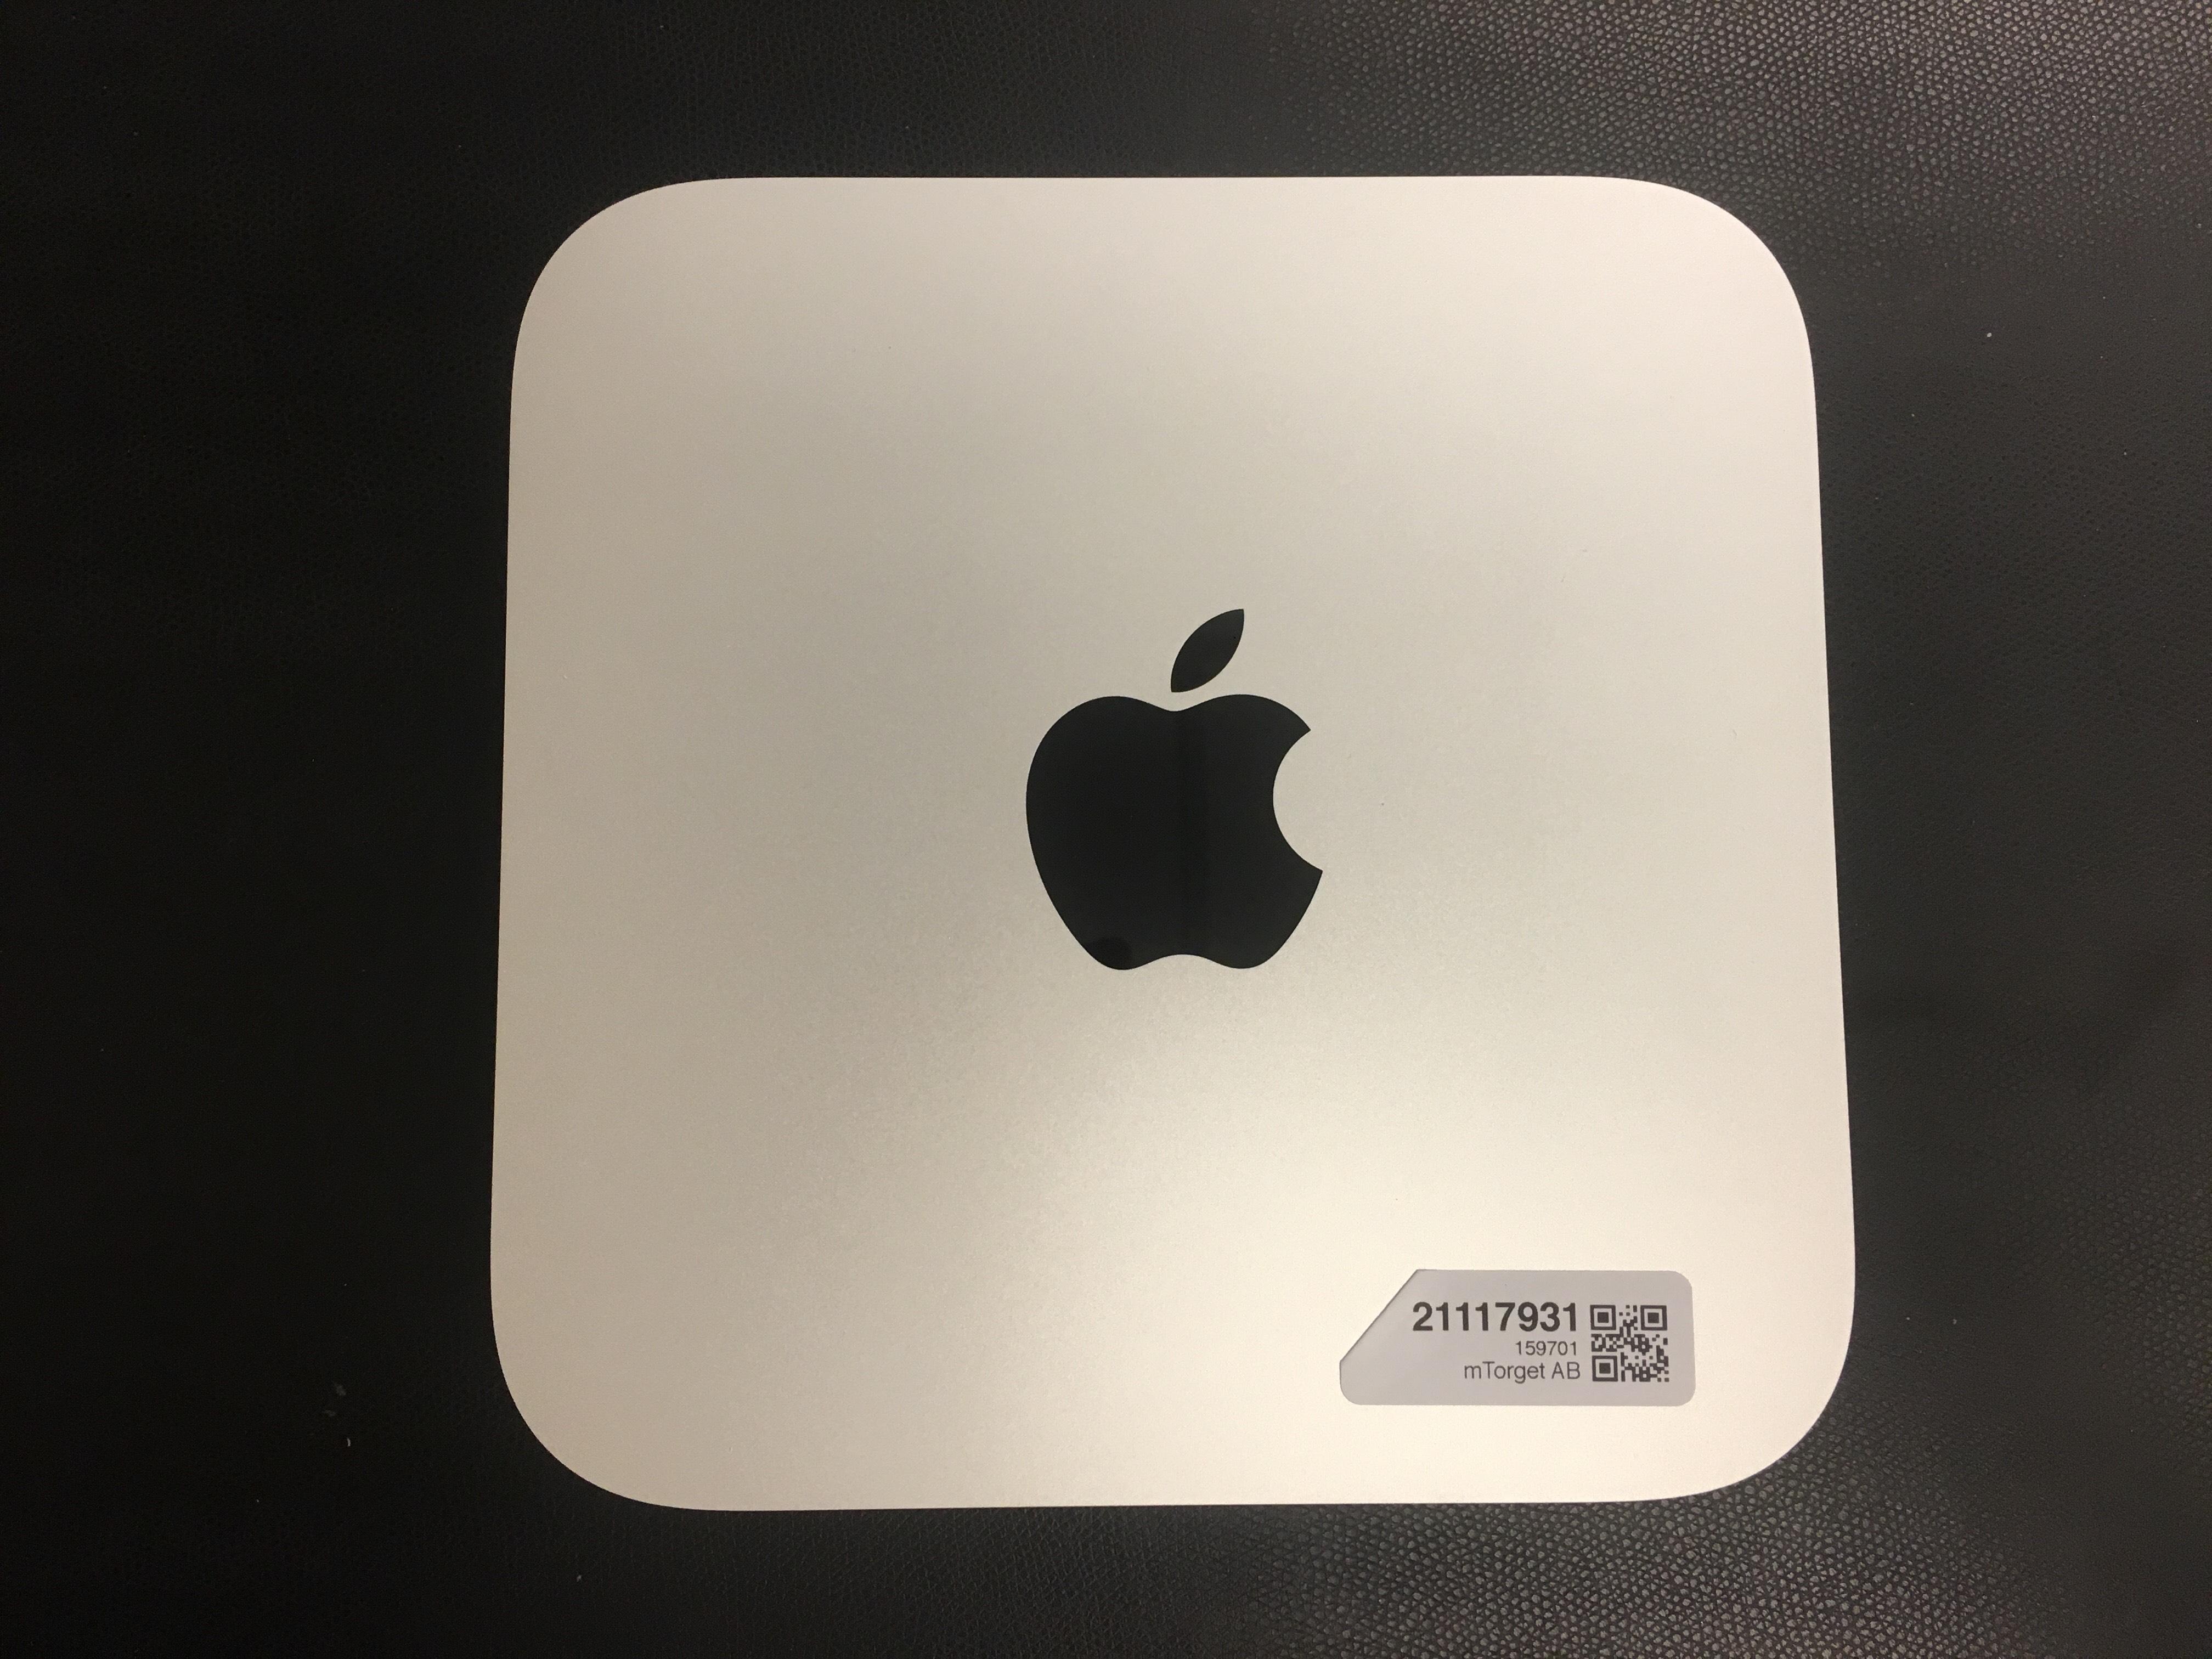 Mac Mini Late 2014 (Intel Core i5 2.6 GHz 8 GB RAM 1 TB HDD), Intel Core i5 2.6 GHz (Haswell), 8 GB PC3-12800 (1600 MHz) LPDDR3, 1 TB, bild 1